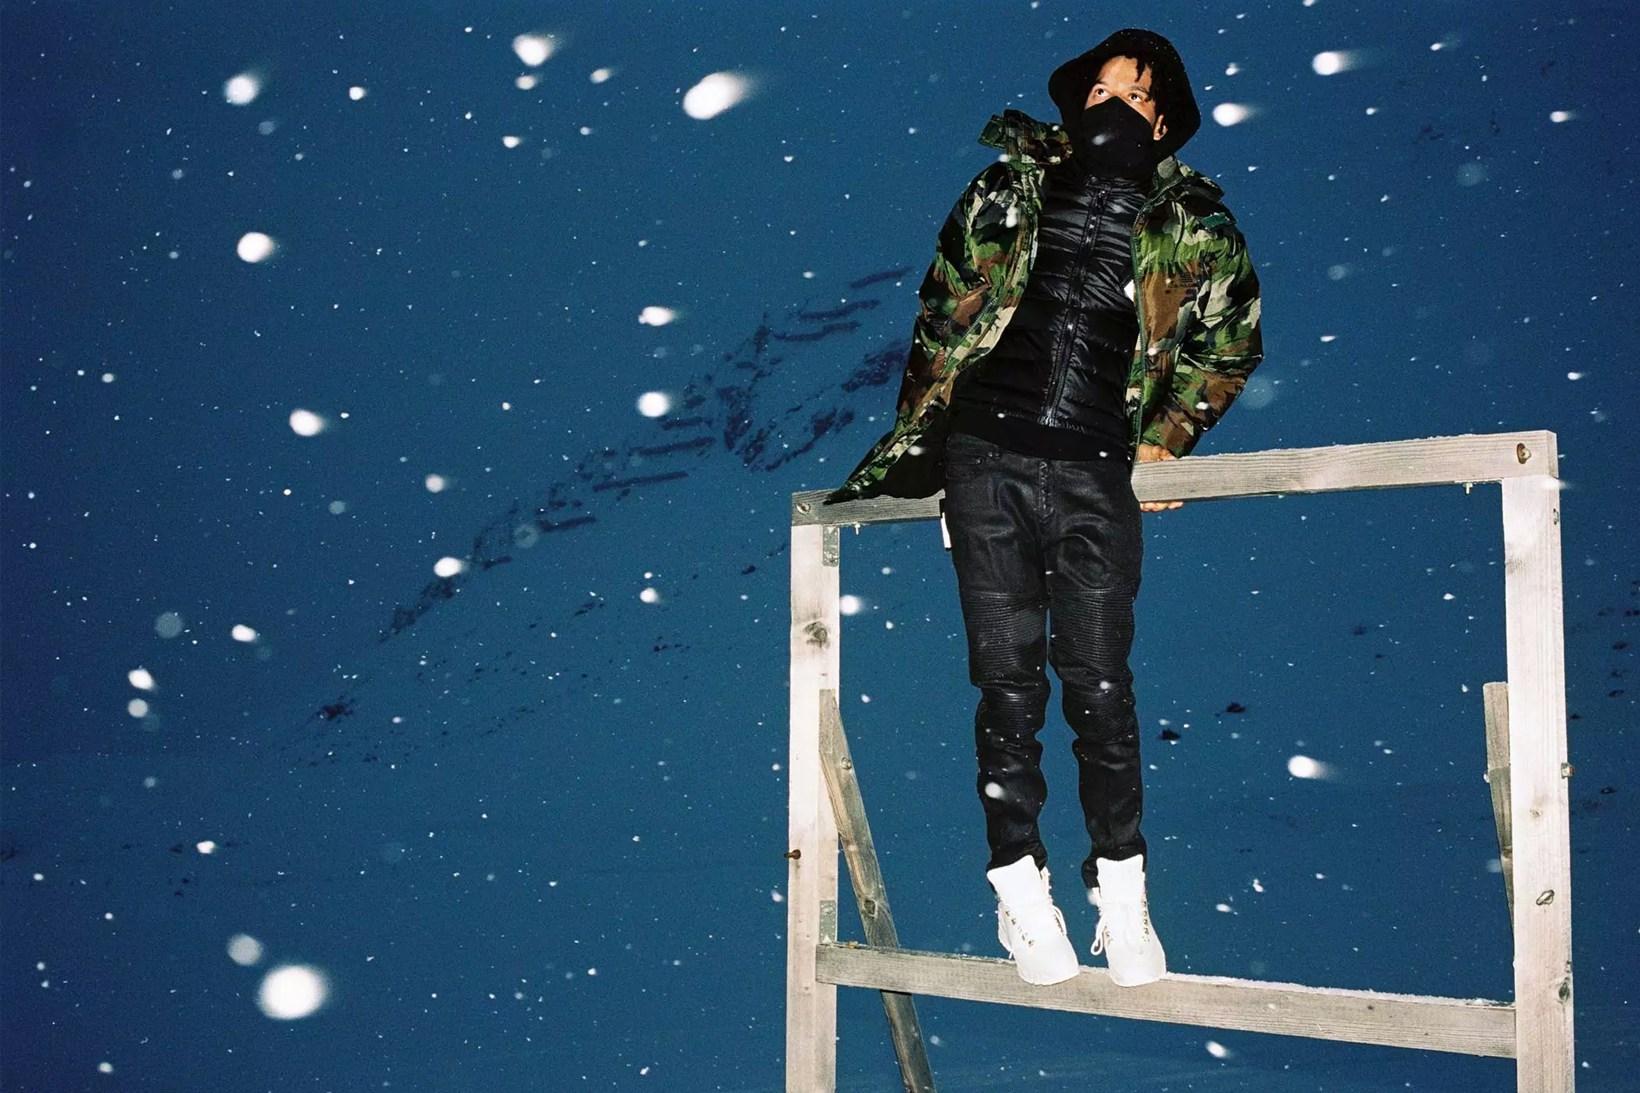 """SSENSE Produce """"20 Below Zero"""" Editorial For Neil Barrett's Skiwear Range"""